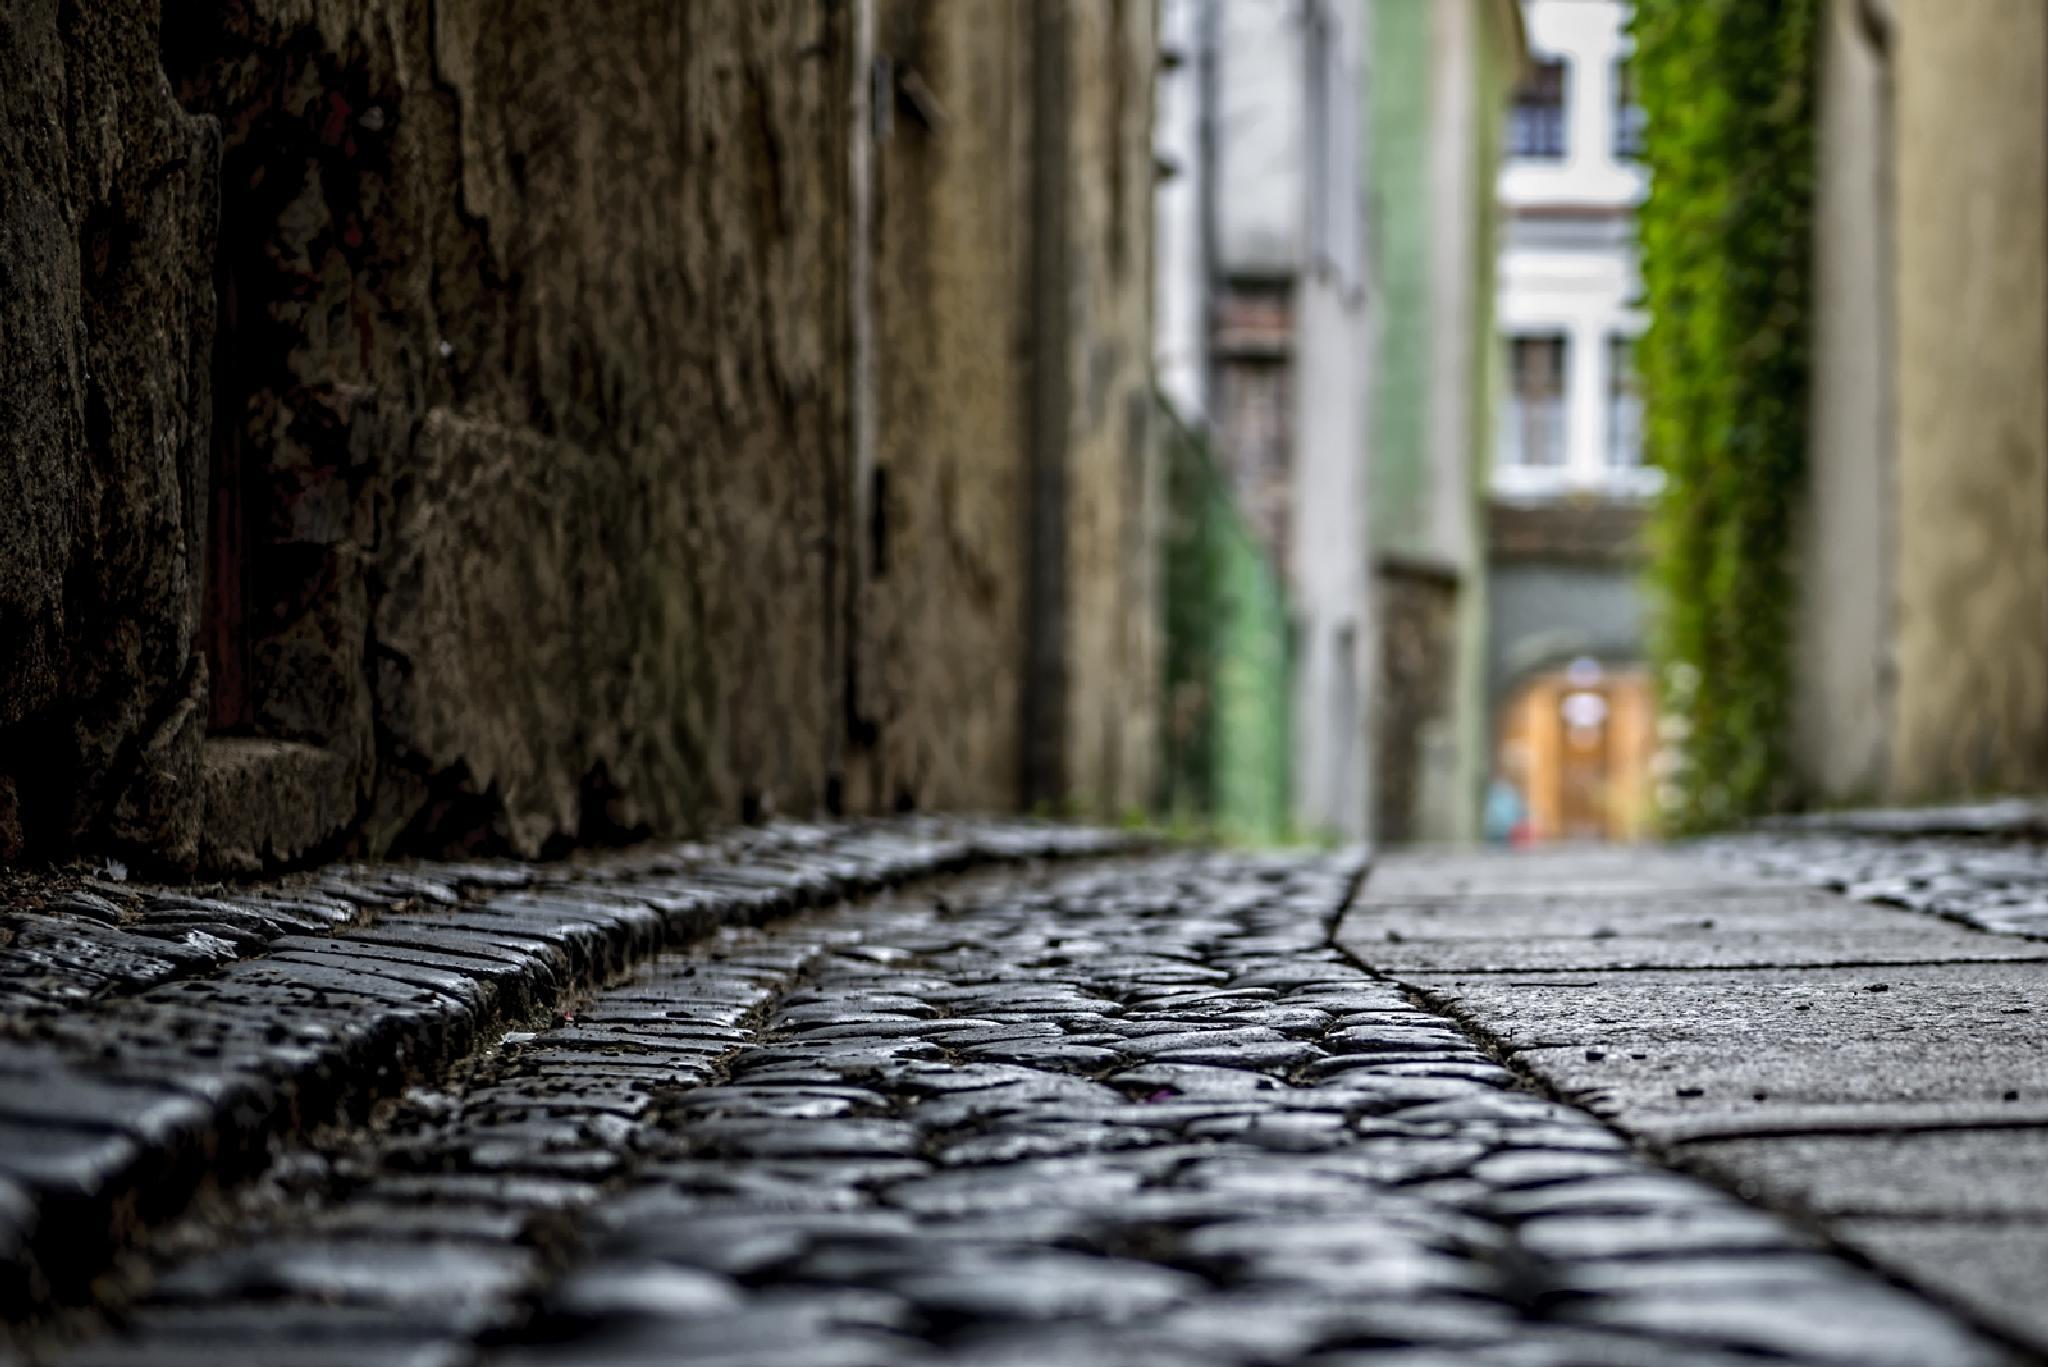 Goerlitz, Germany - pavement by Waldemar Sadlowski